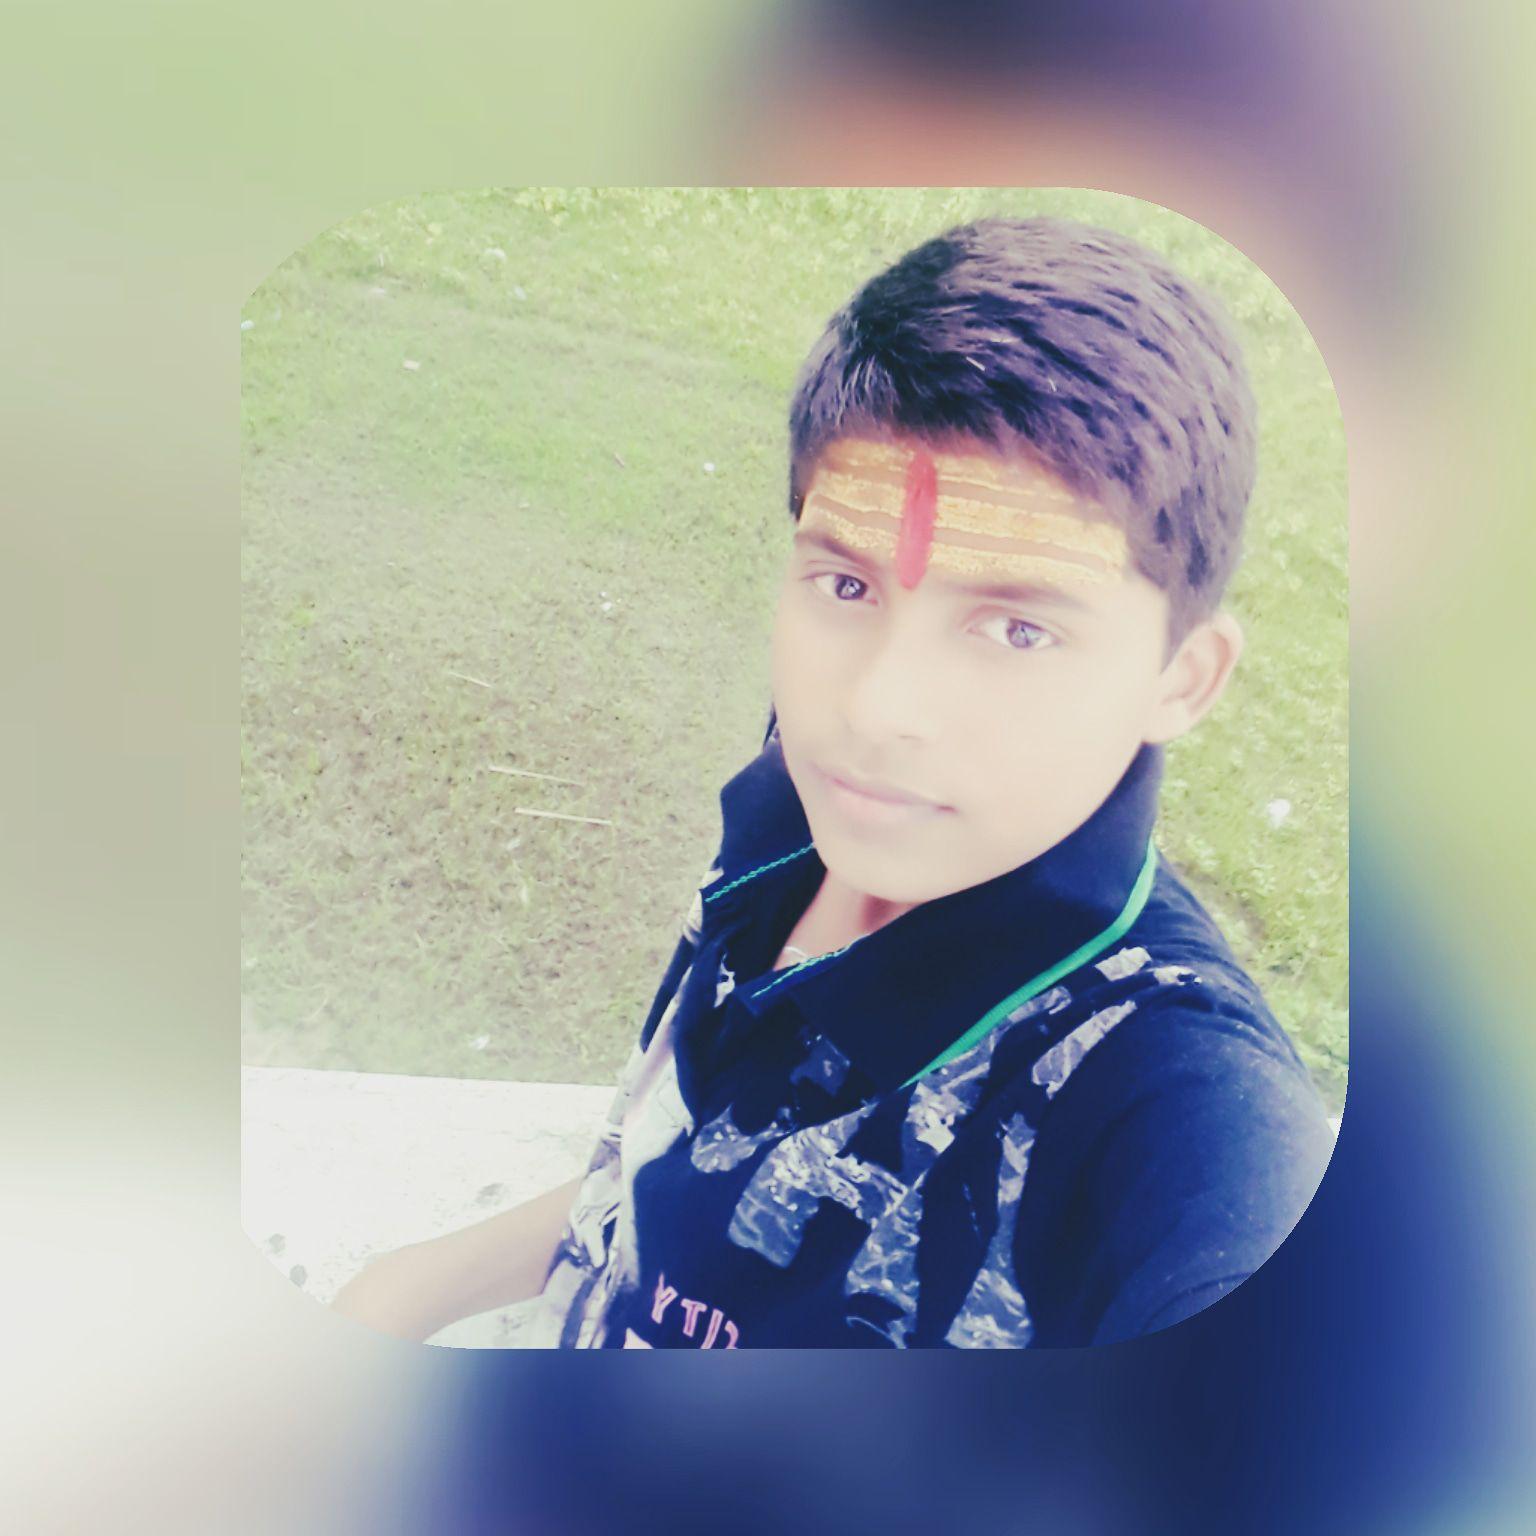 Shashwat Dwivedi